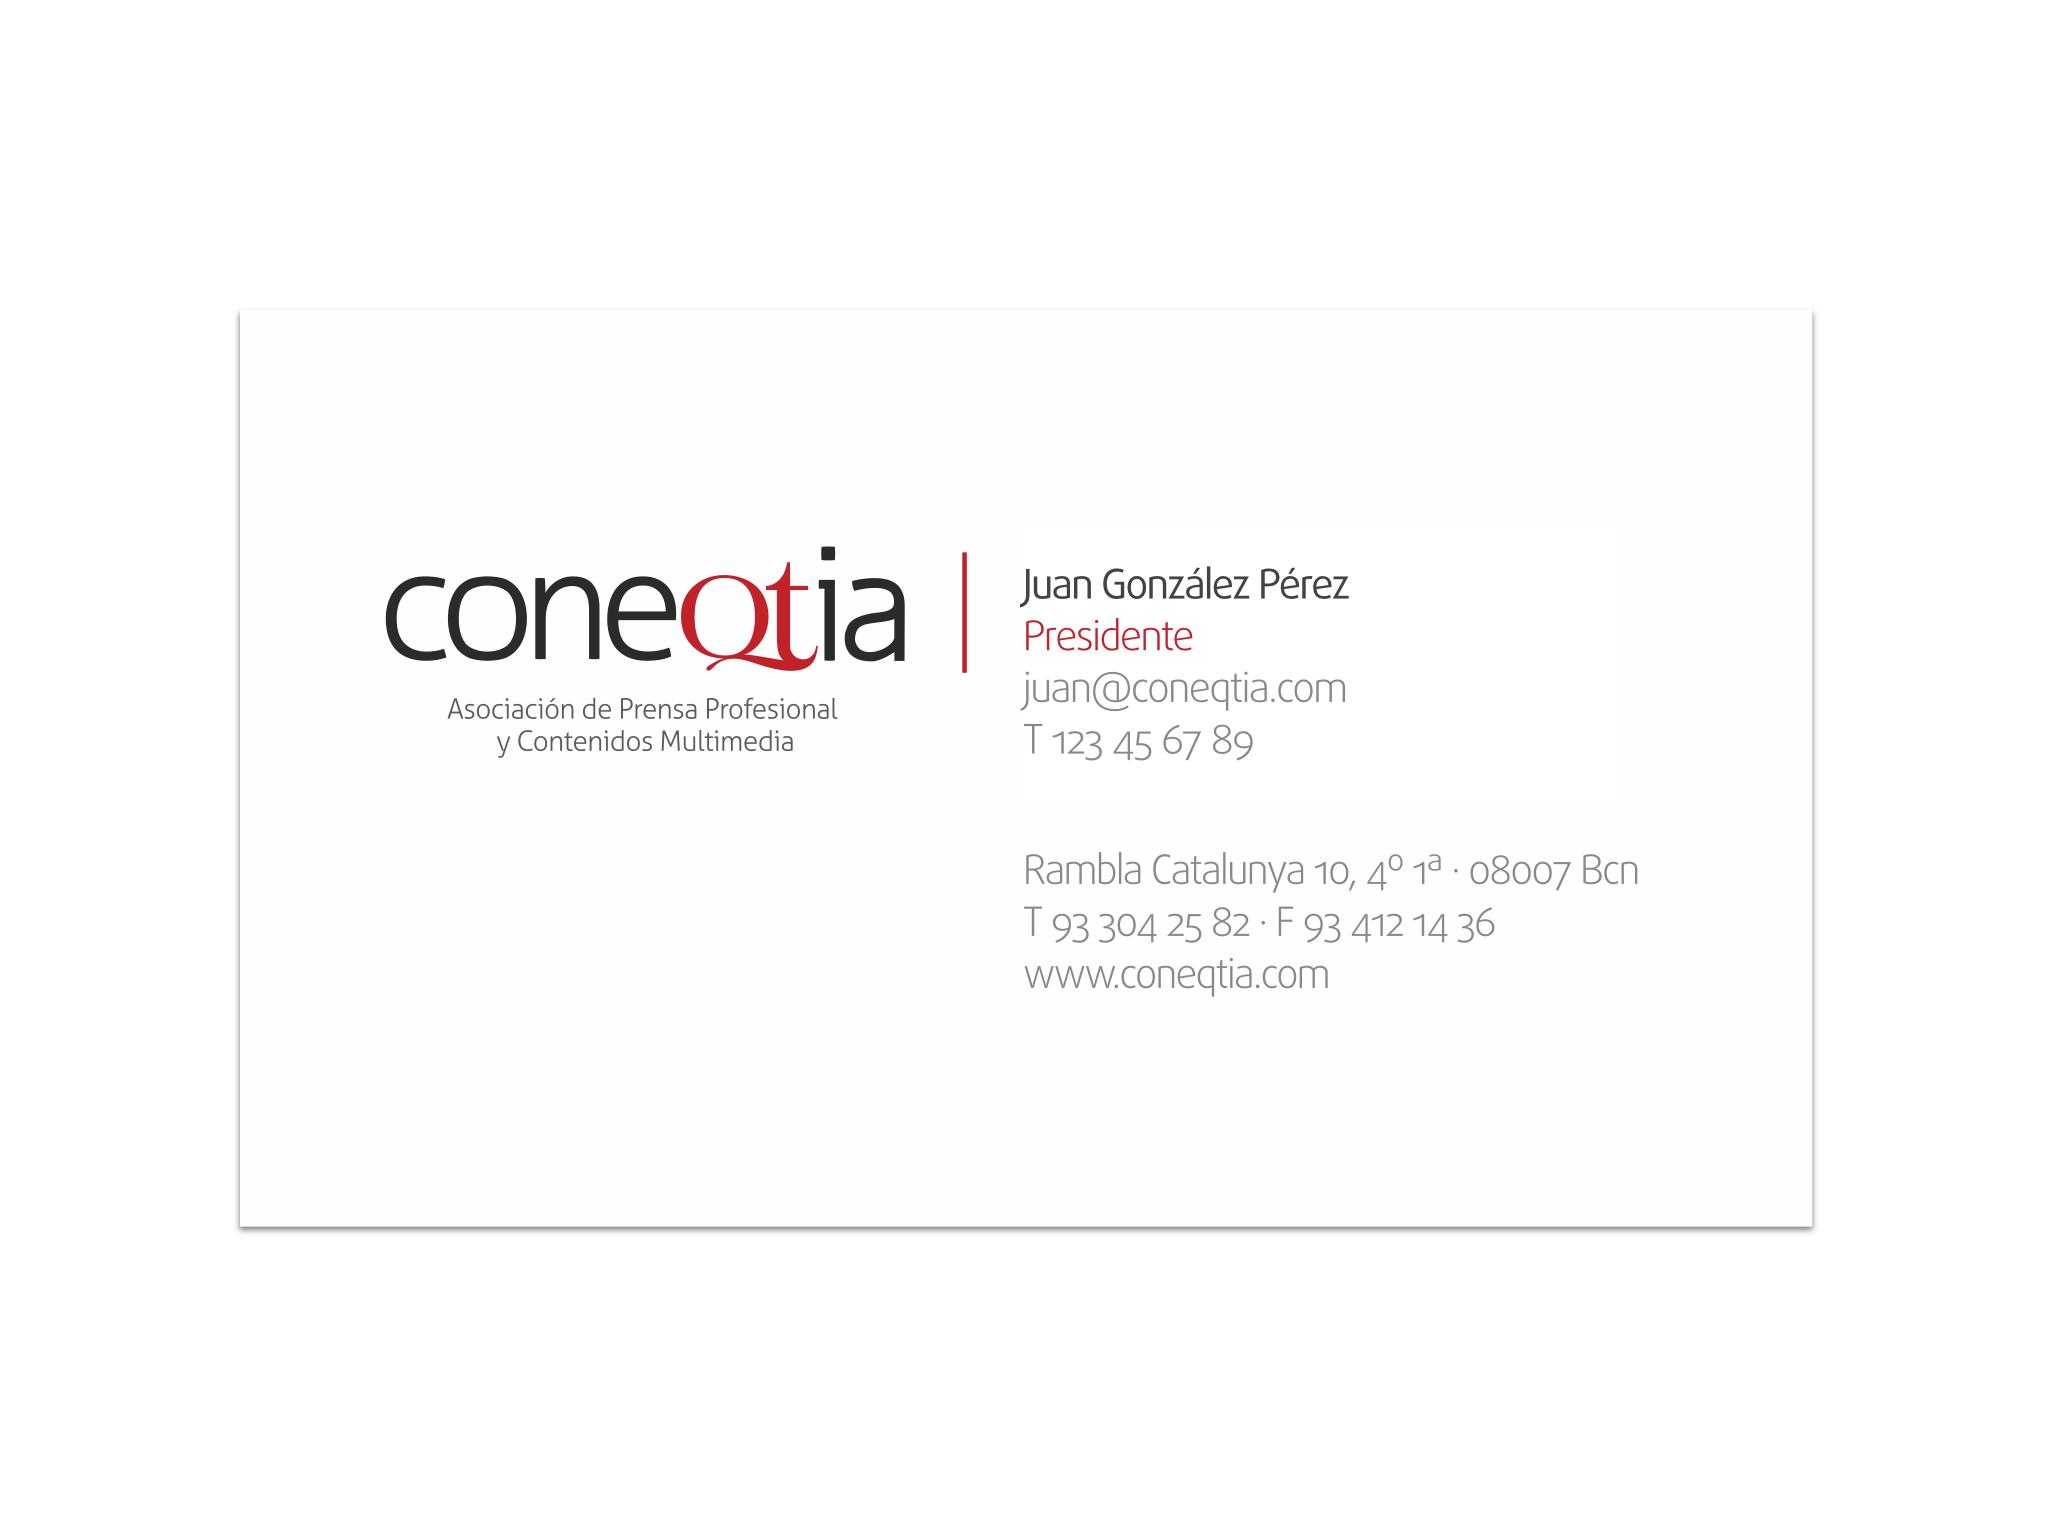 ConeQtia_EMOTE_Branding.006.jpg